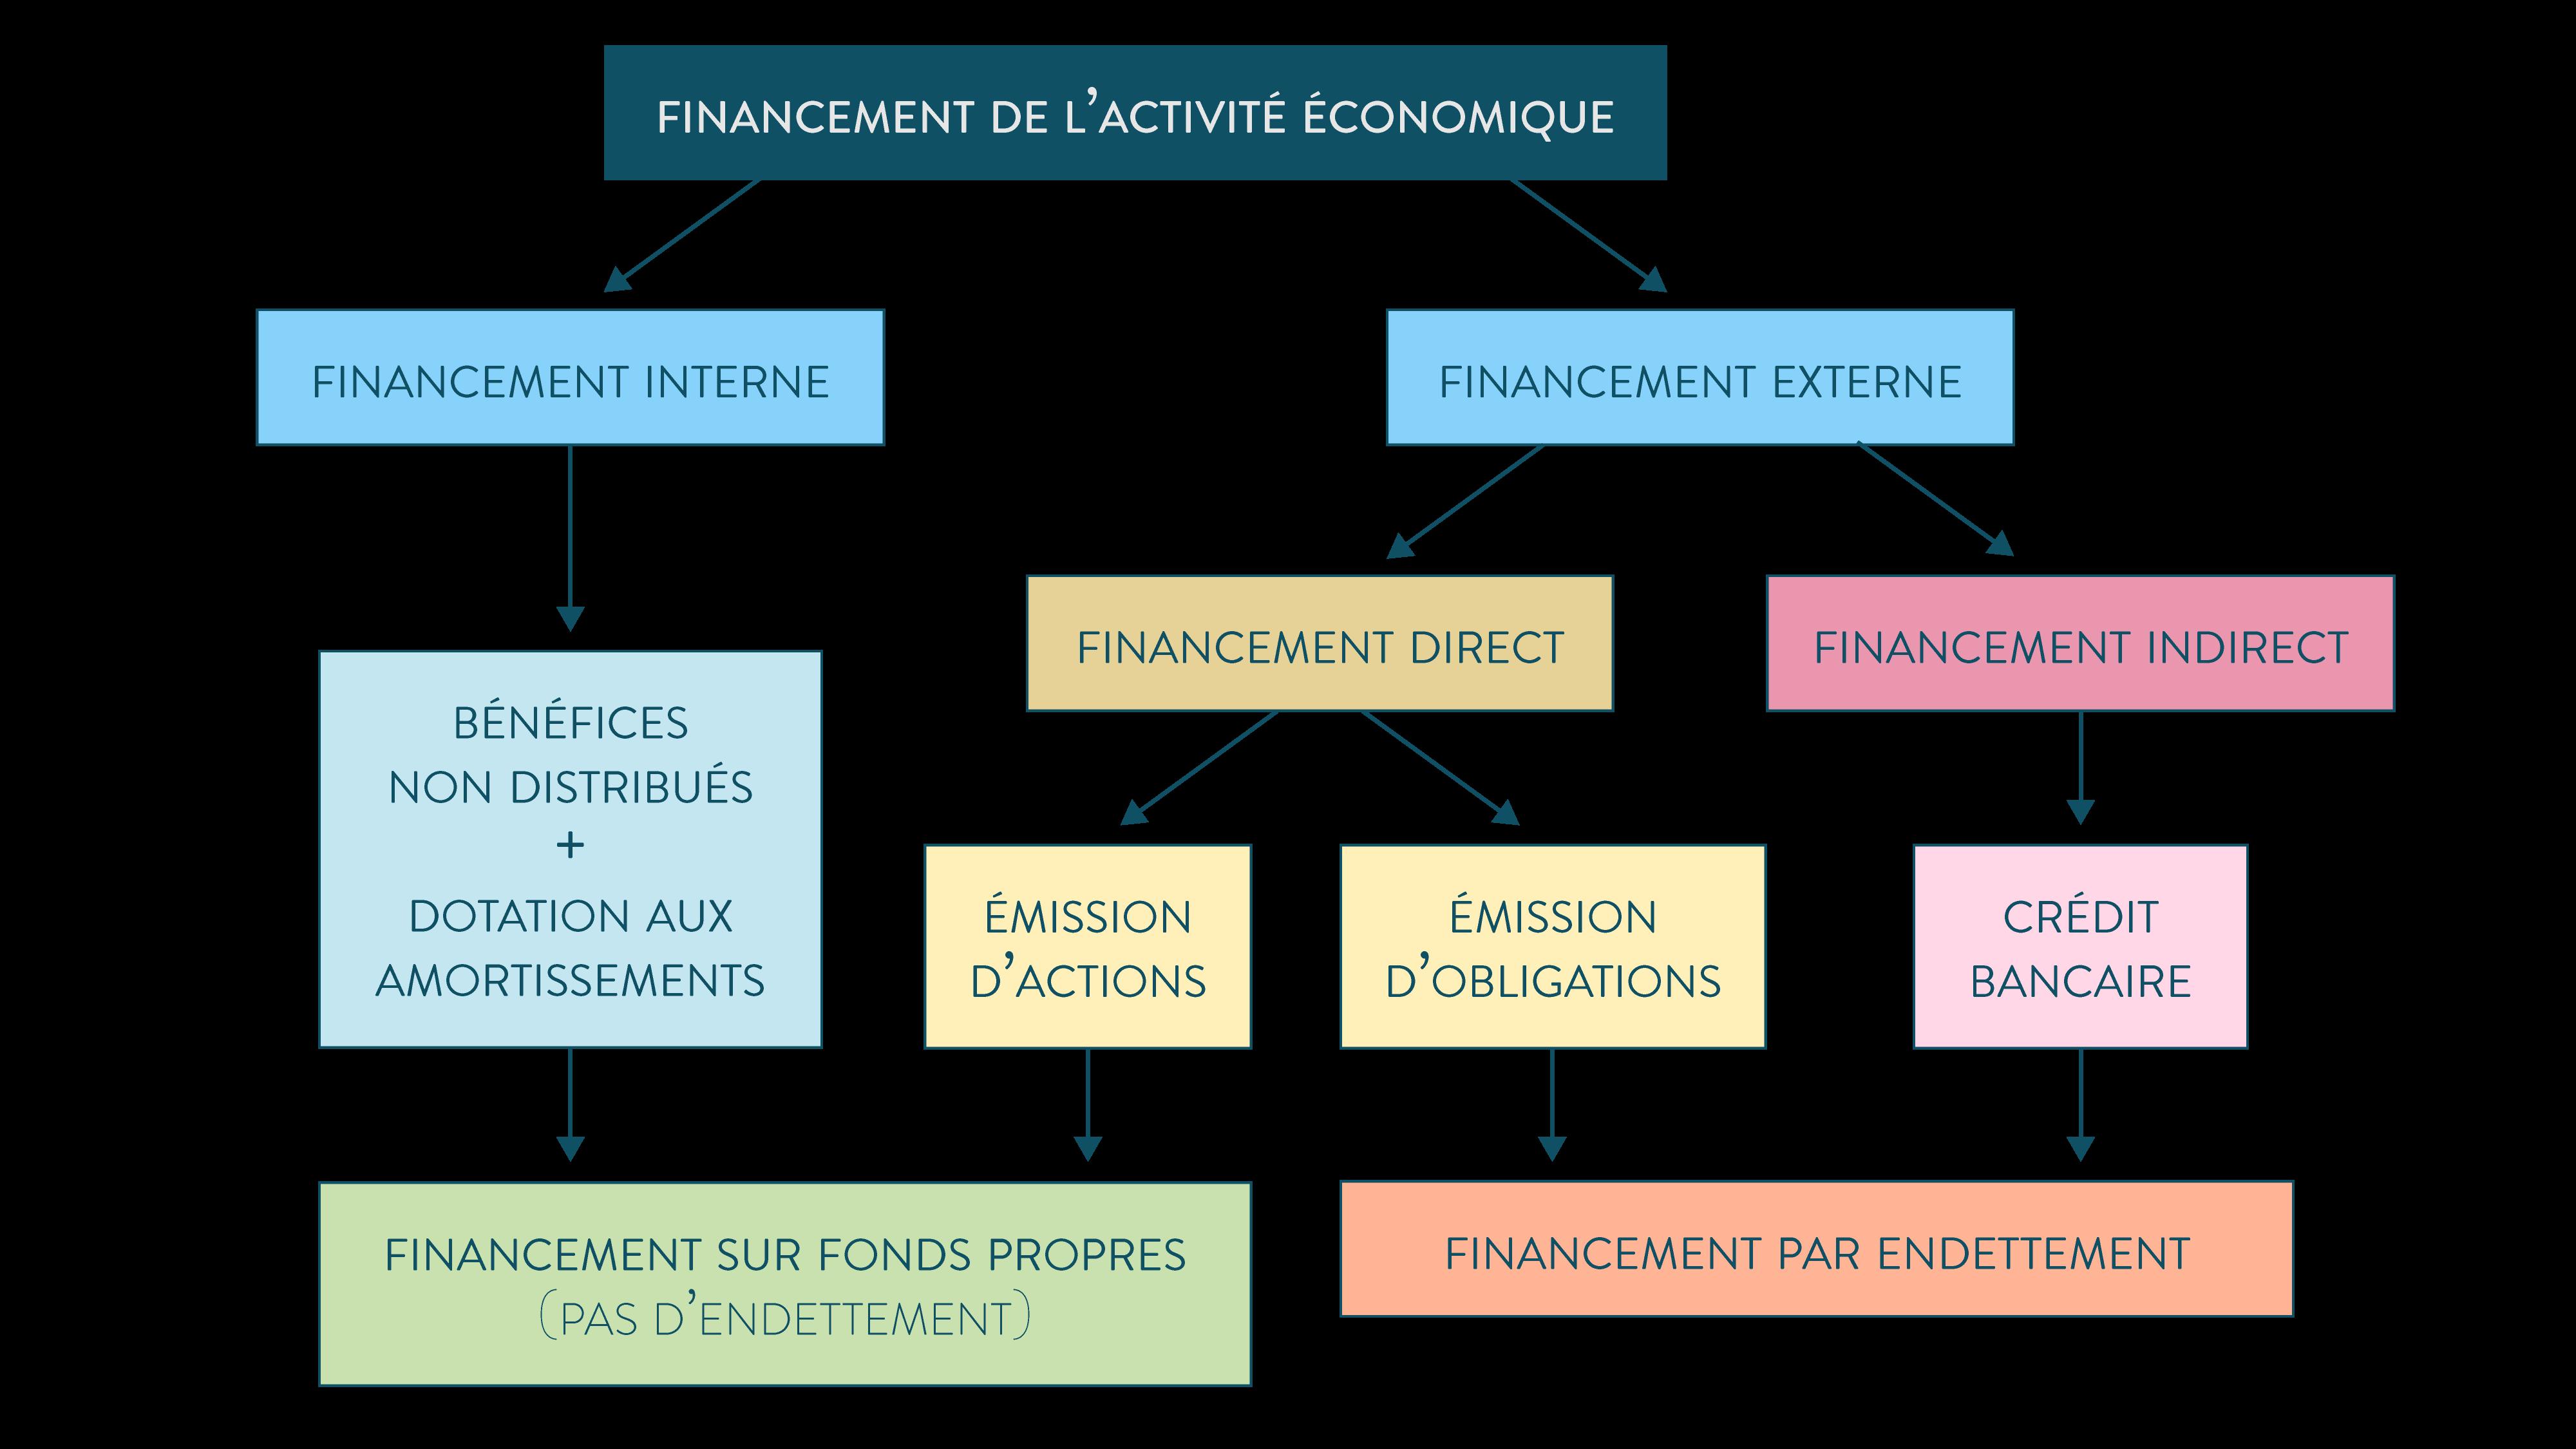 ses première financement de l'activité économique schéma interne externe direct indirect